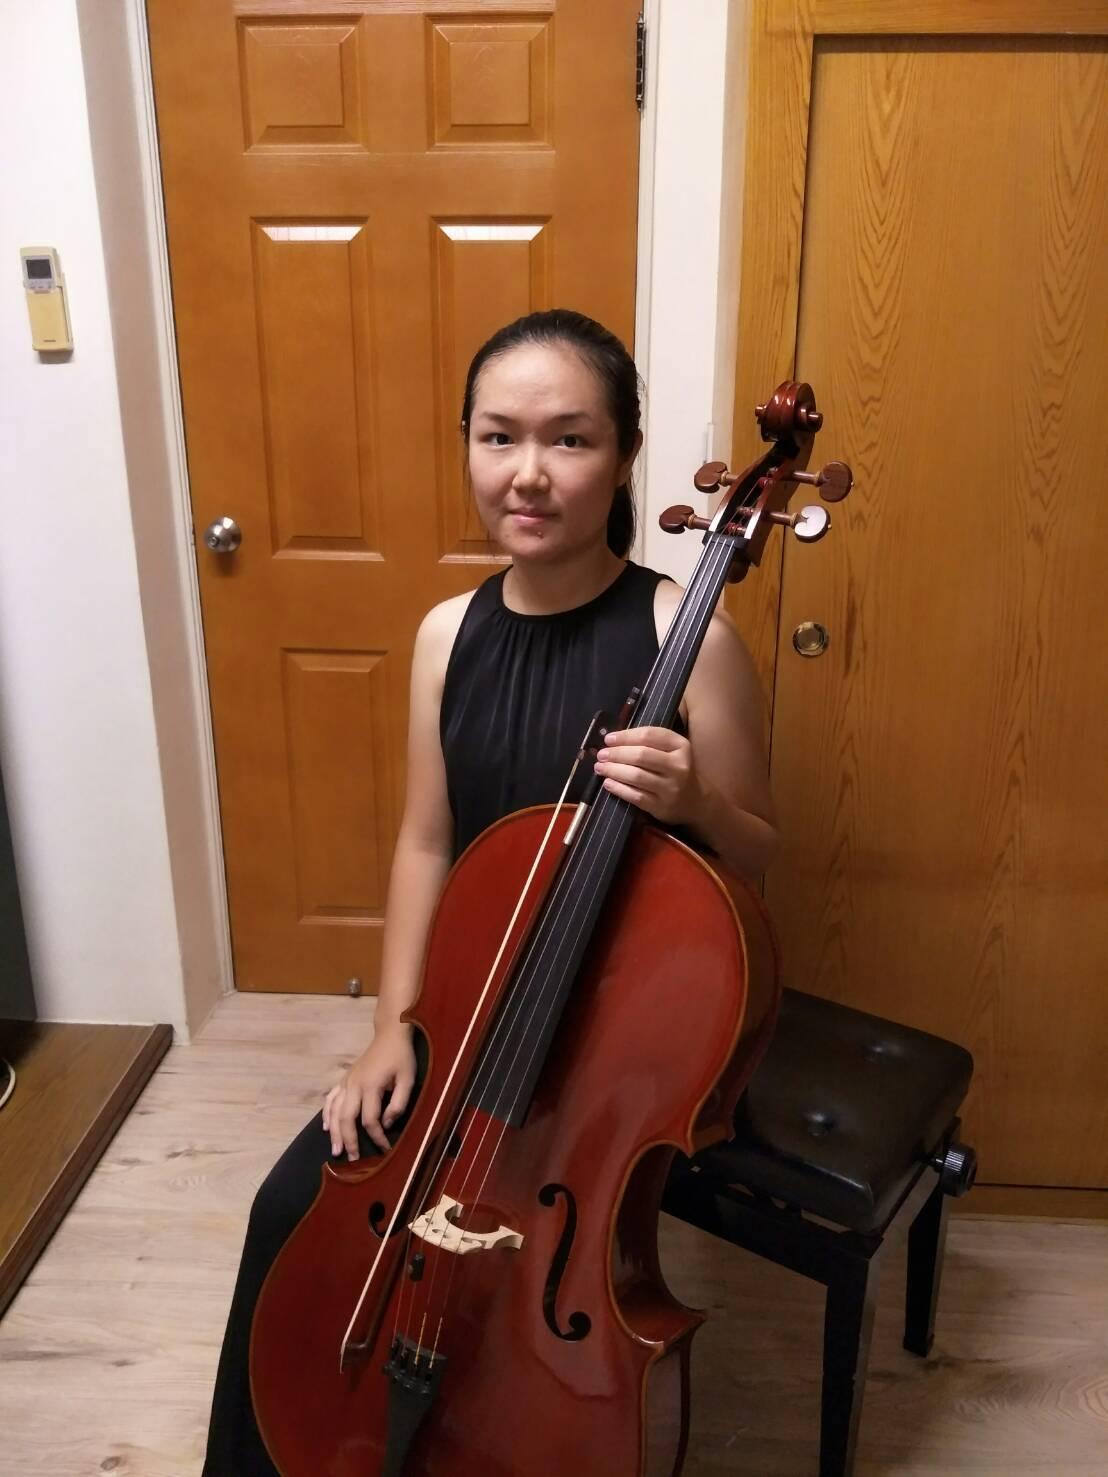 嘉義市大提琴教學,民雄學大提琴課程,嘉義大提琴老師